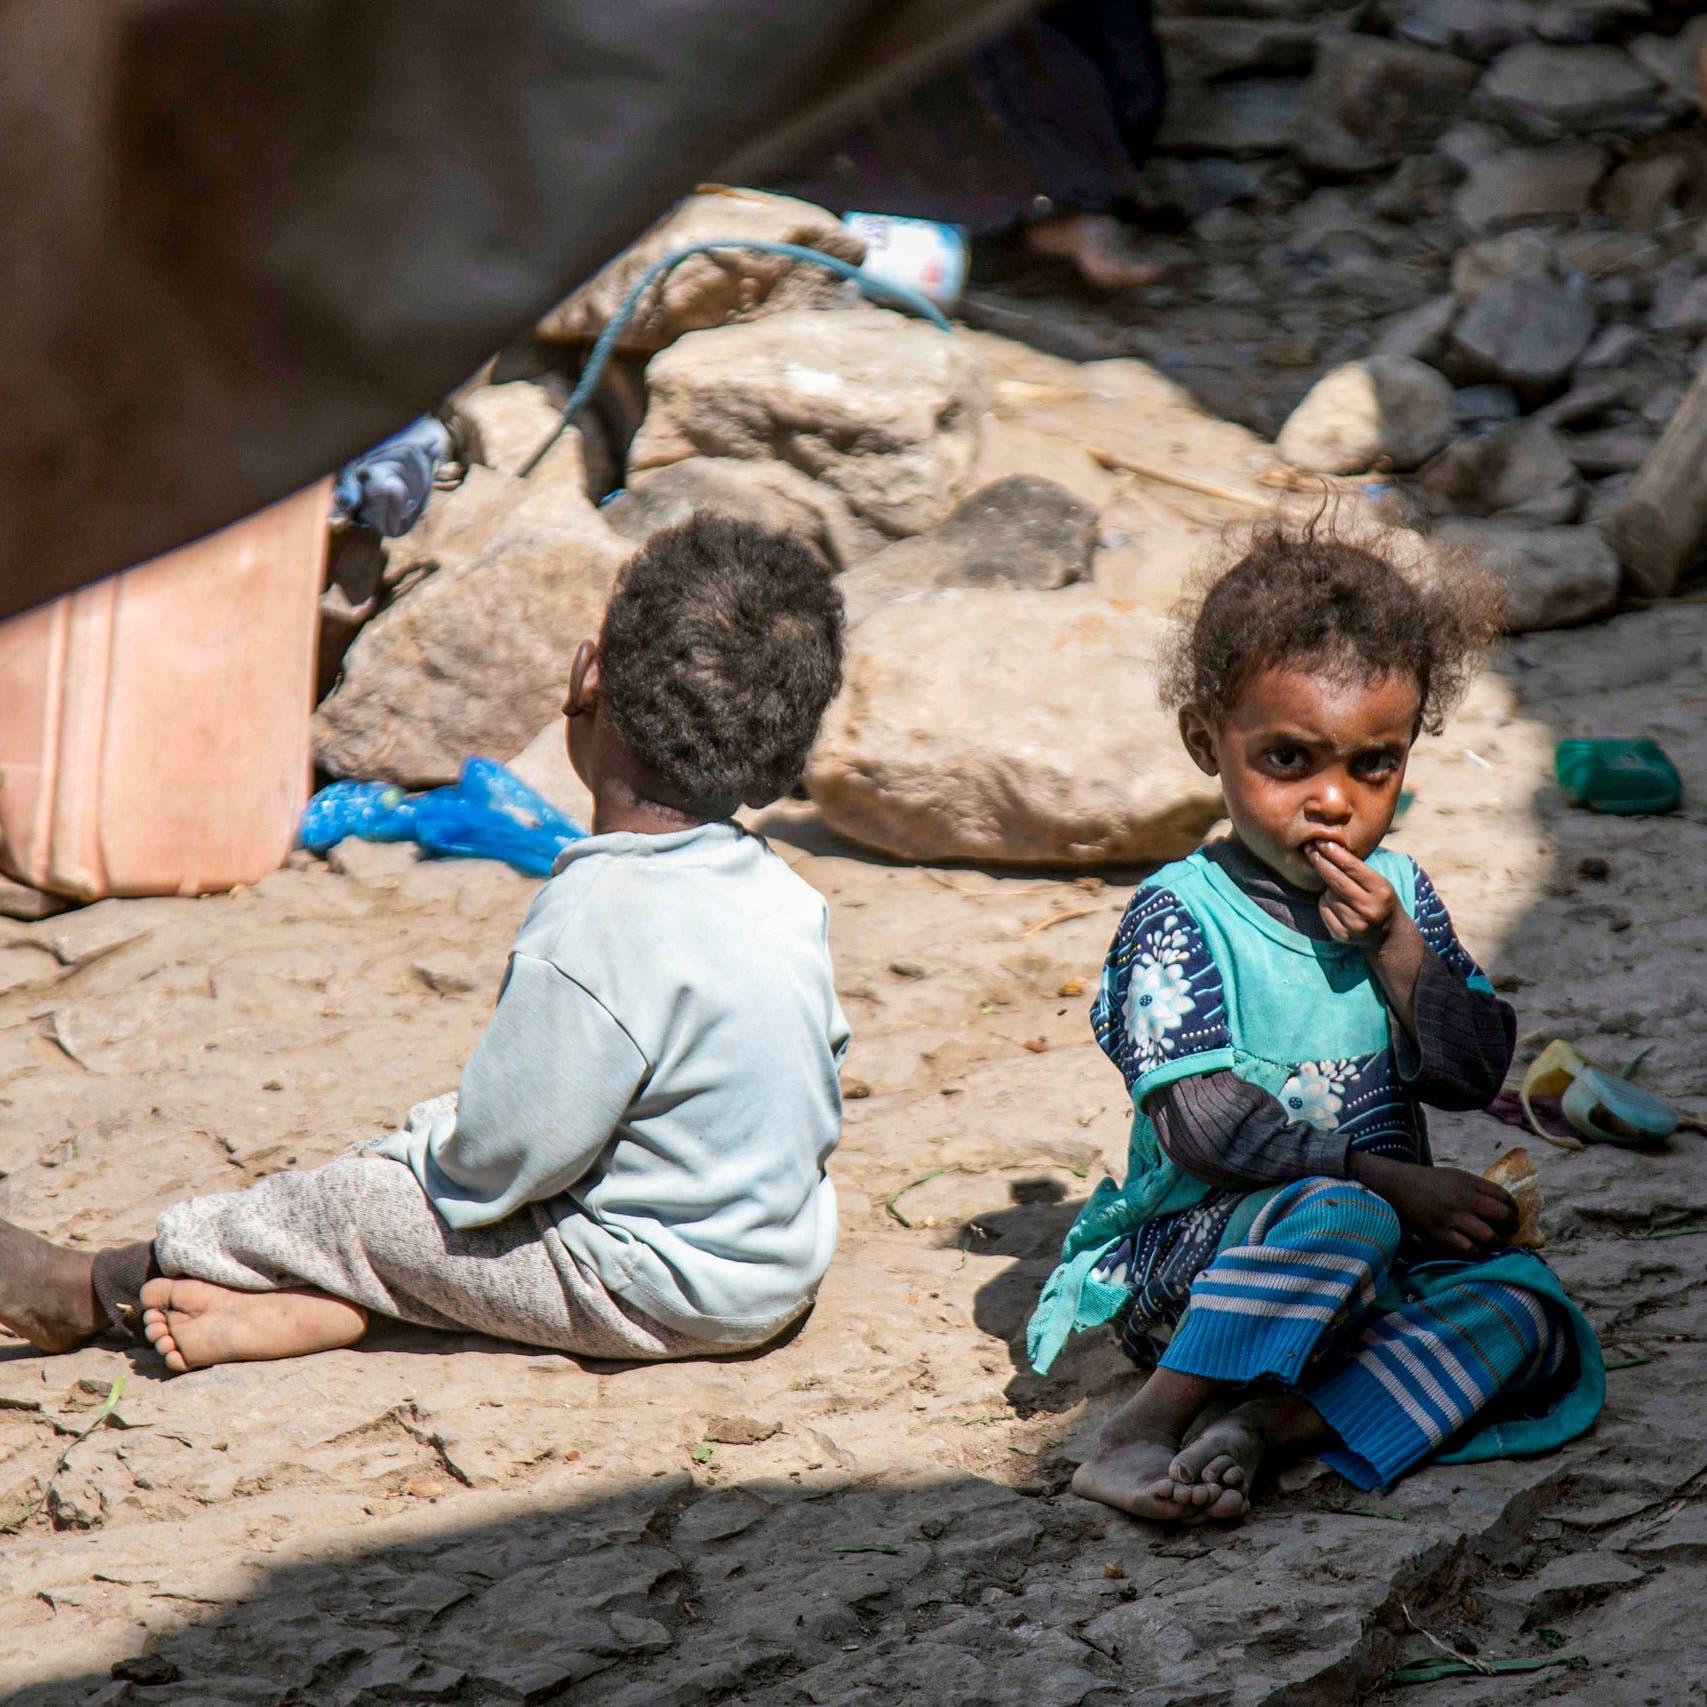 تقرير أميركي: تدخل إيران يزيد معاناة اليمنيين